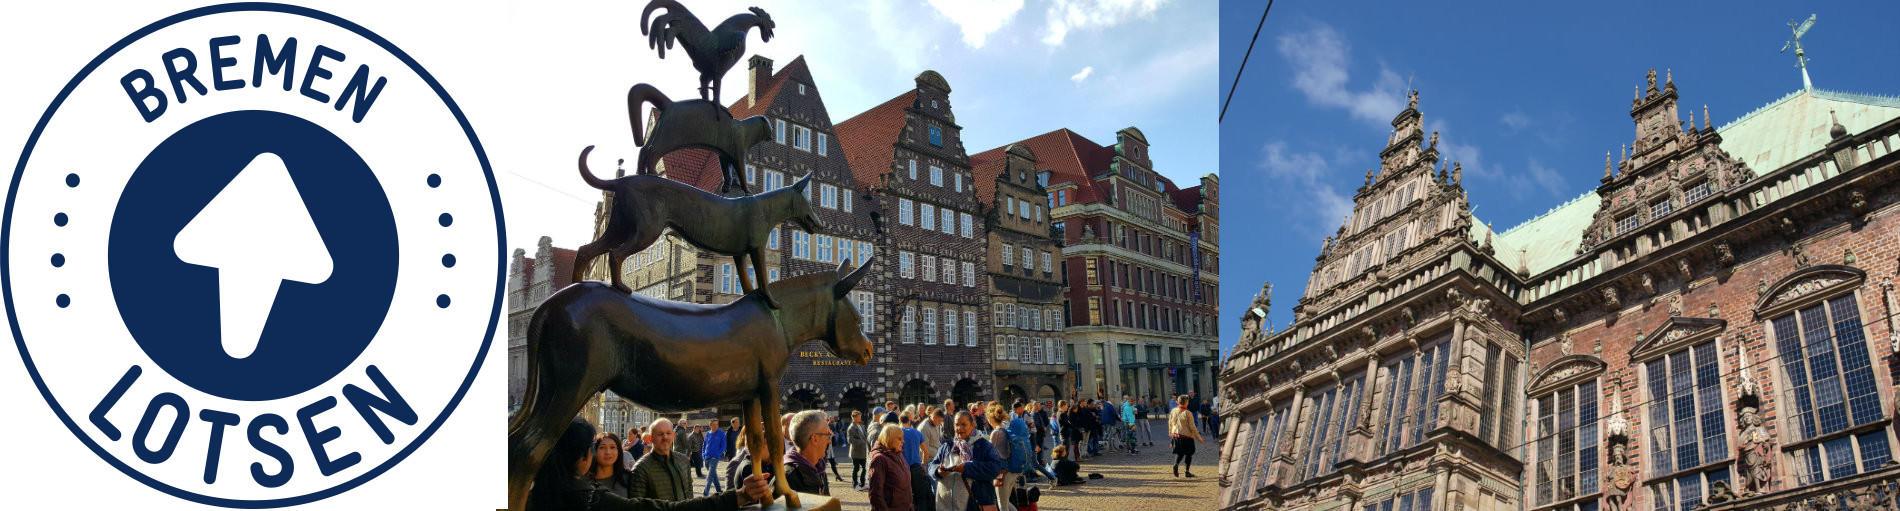 Von den Stadtmusikanten bis ins Schnoorviertel – das Beste der Bremer Altstadt